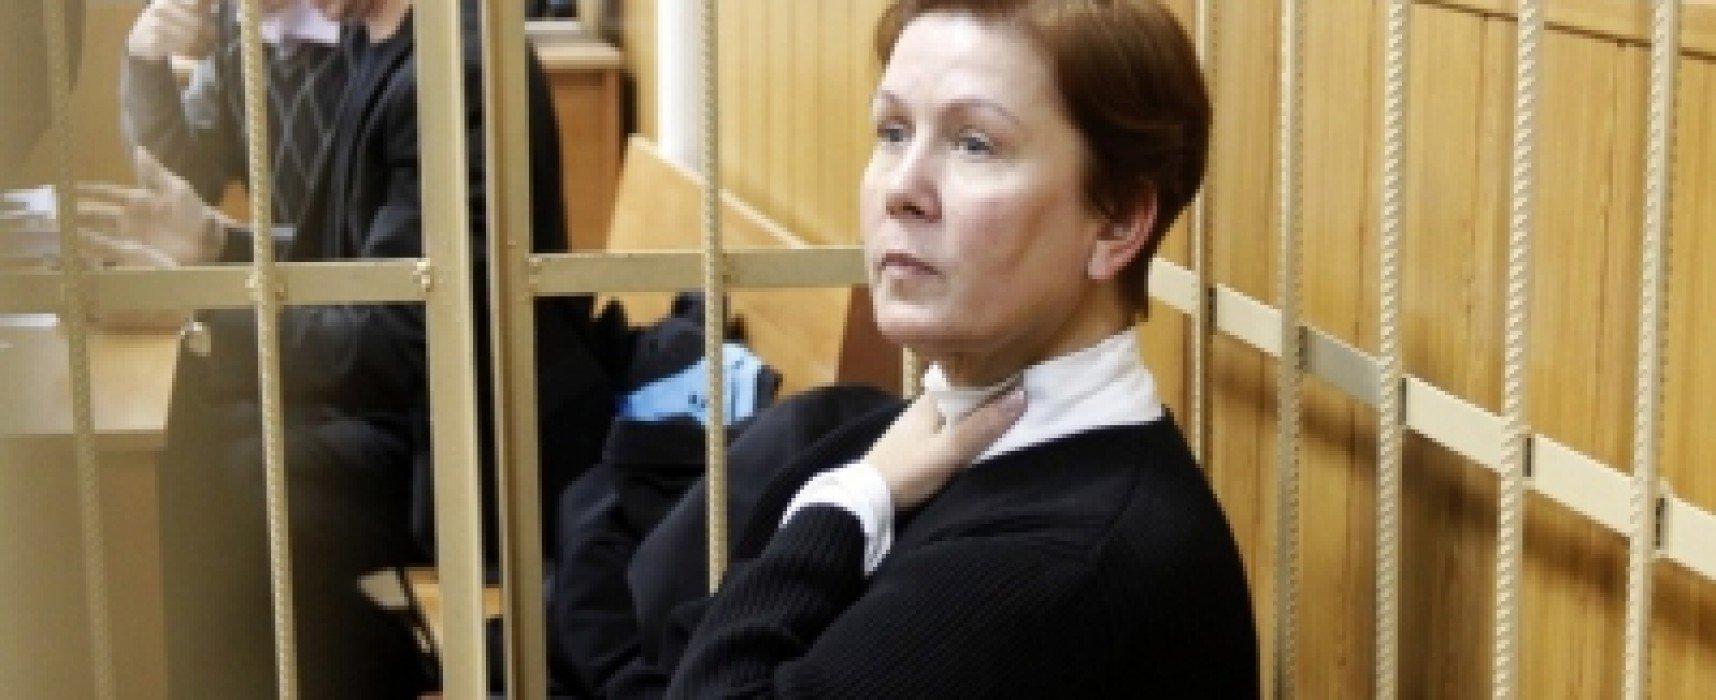 La direttrice della libreria Ucraina a Mosca rimane agli arresti domiciliari